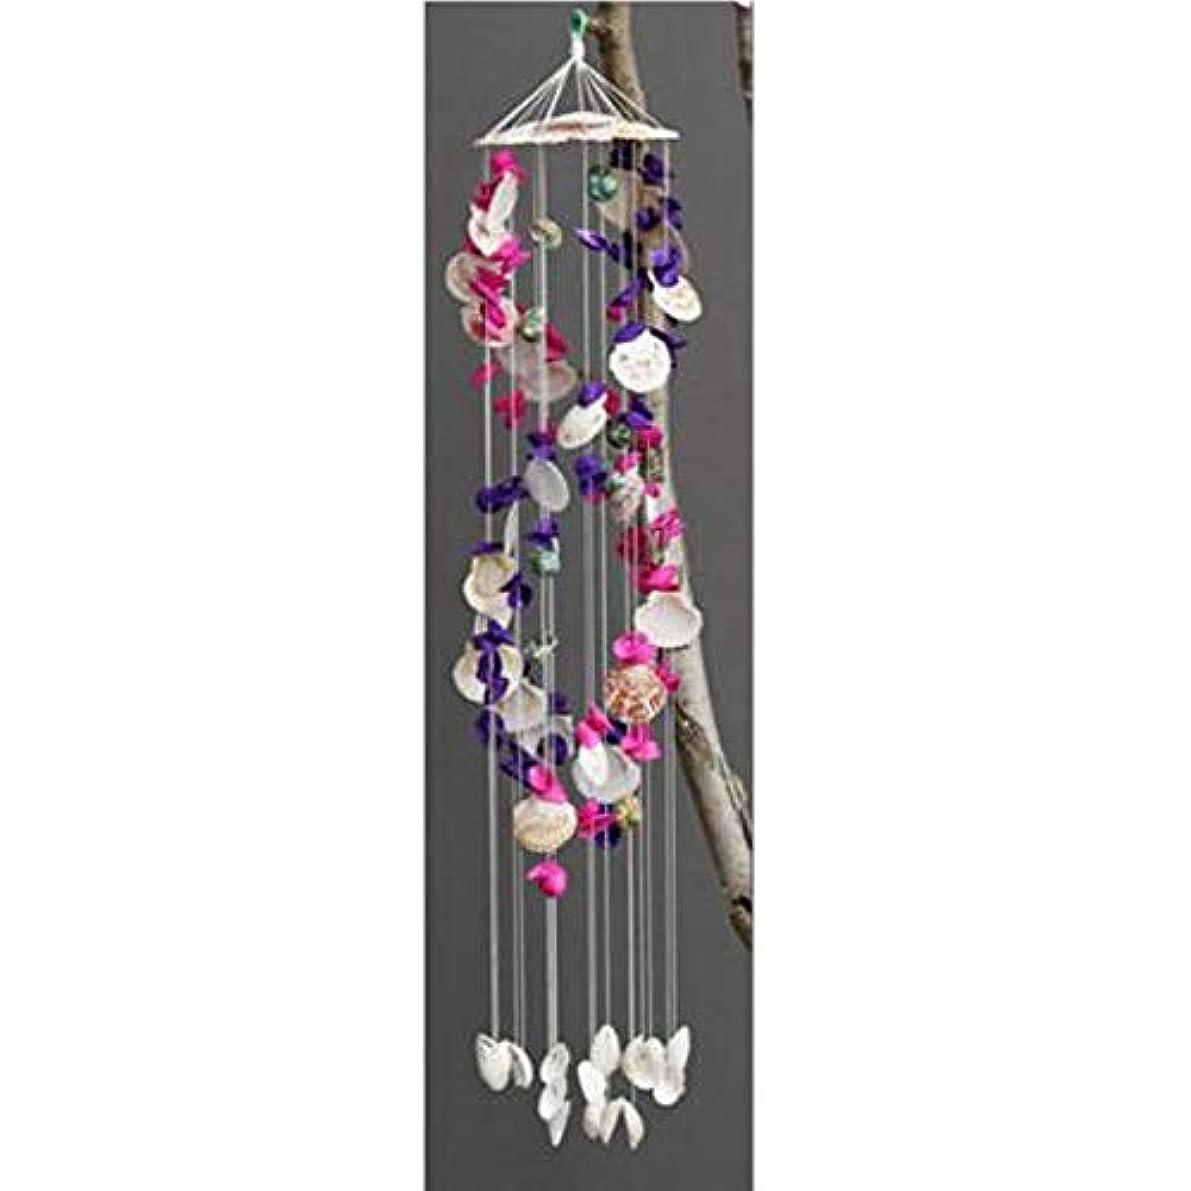 水を飲む確率きれいにAishanghuayi 風チャイム、かわいい手作りのクリエイティブシェル風の鐘、斑入り、全長約95CM,ファッションオーナメント (Color : Multi-colored)